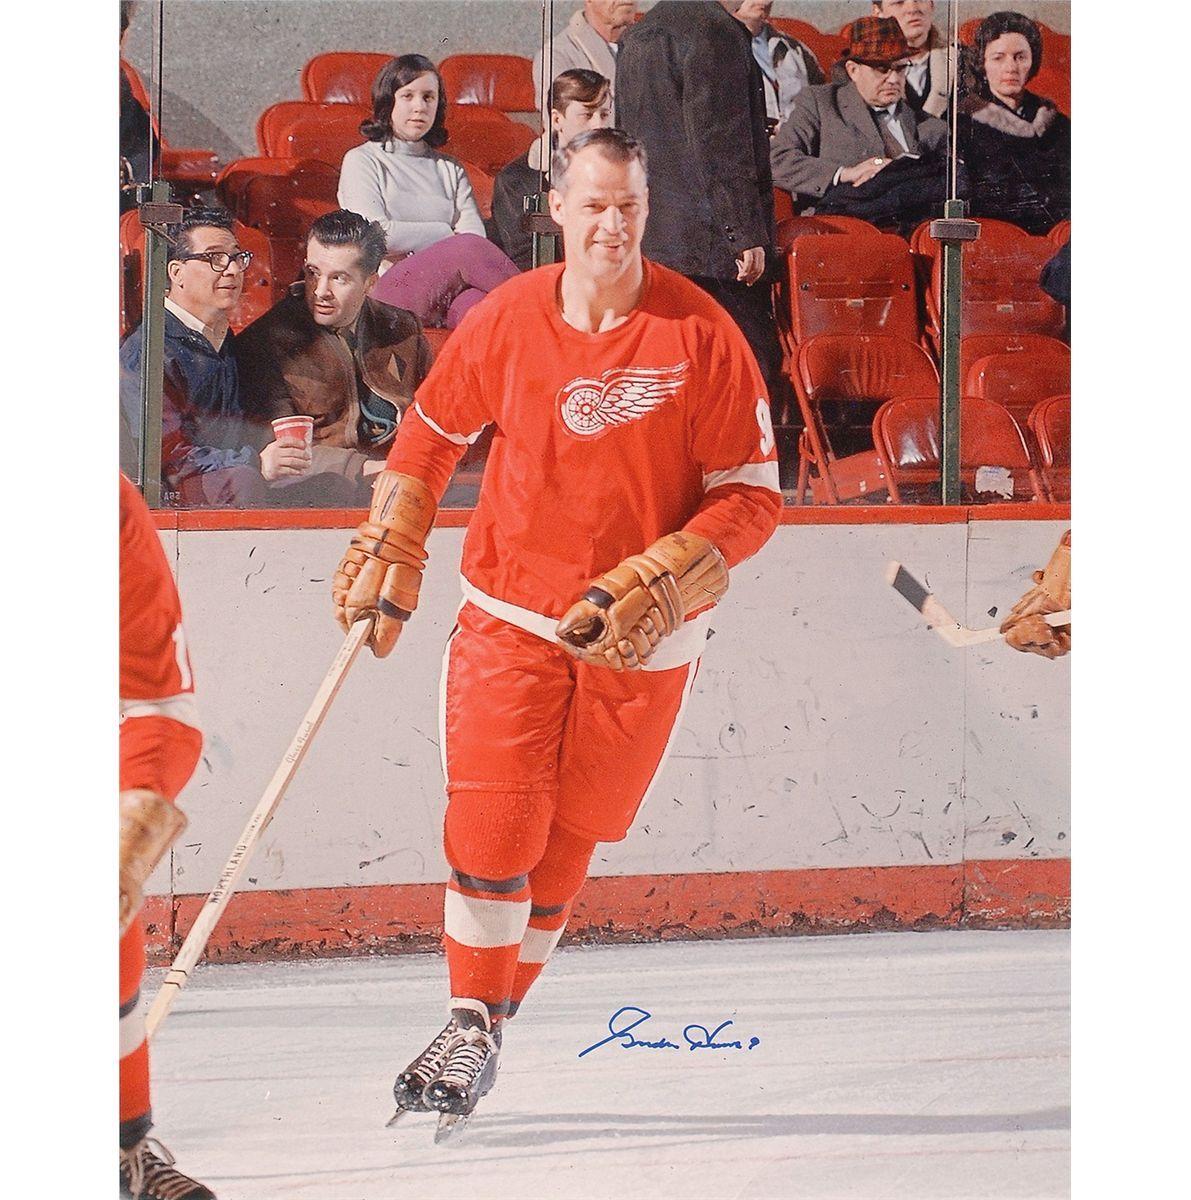 gordie smiling gordie howe mr hockey pinterest red wing hockey and detroit